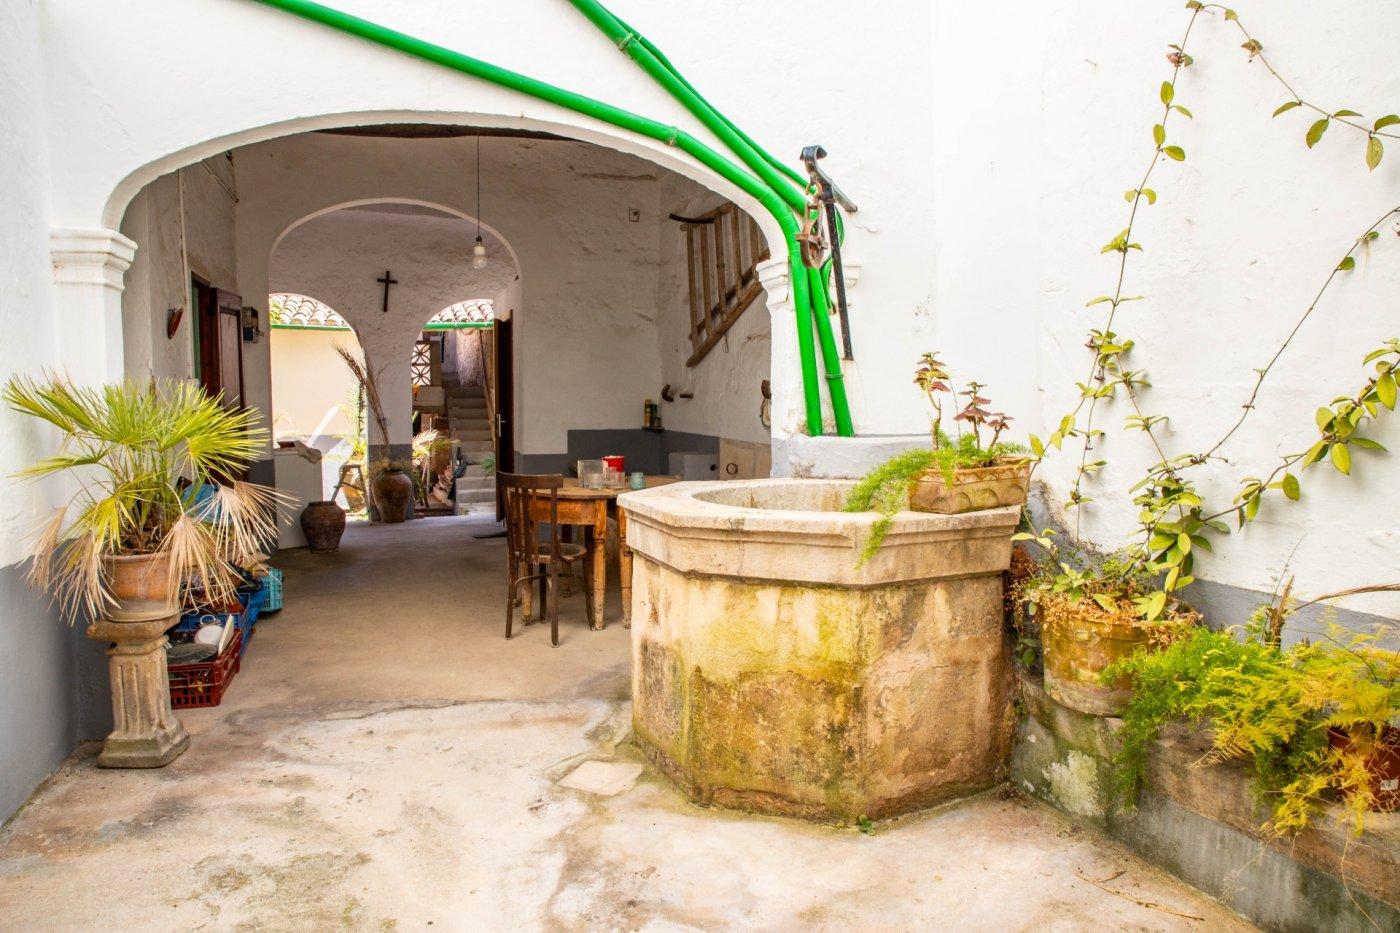 En venta excelente casa en el centro de pollensa - imagenInmueble15